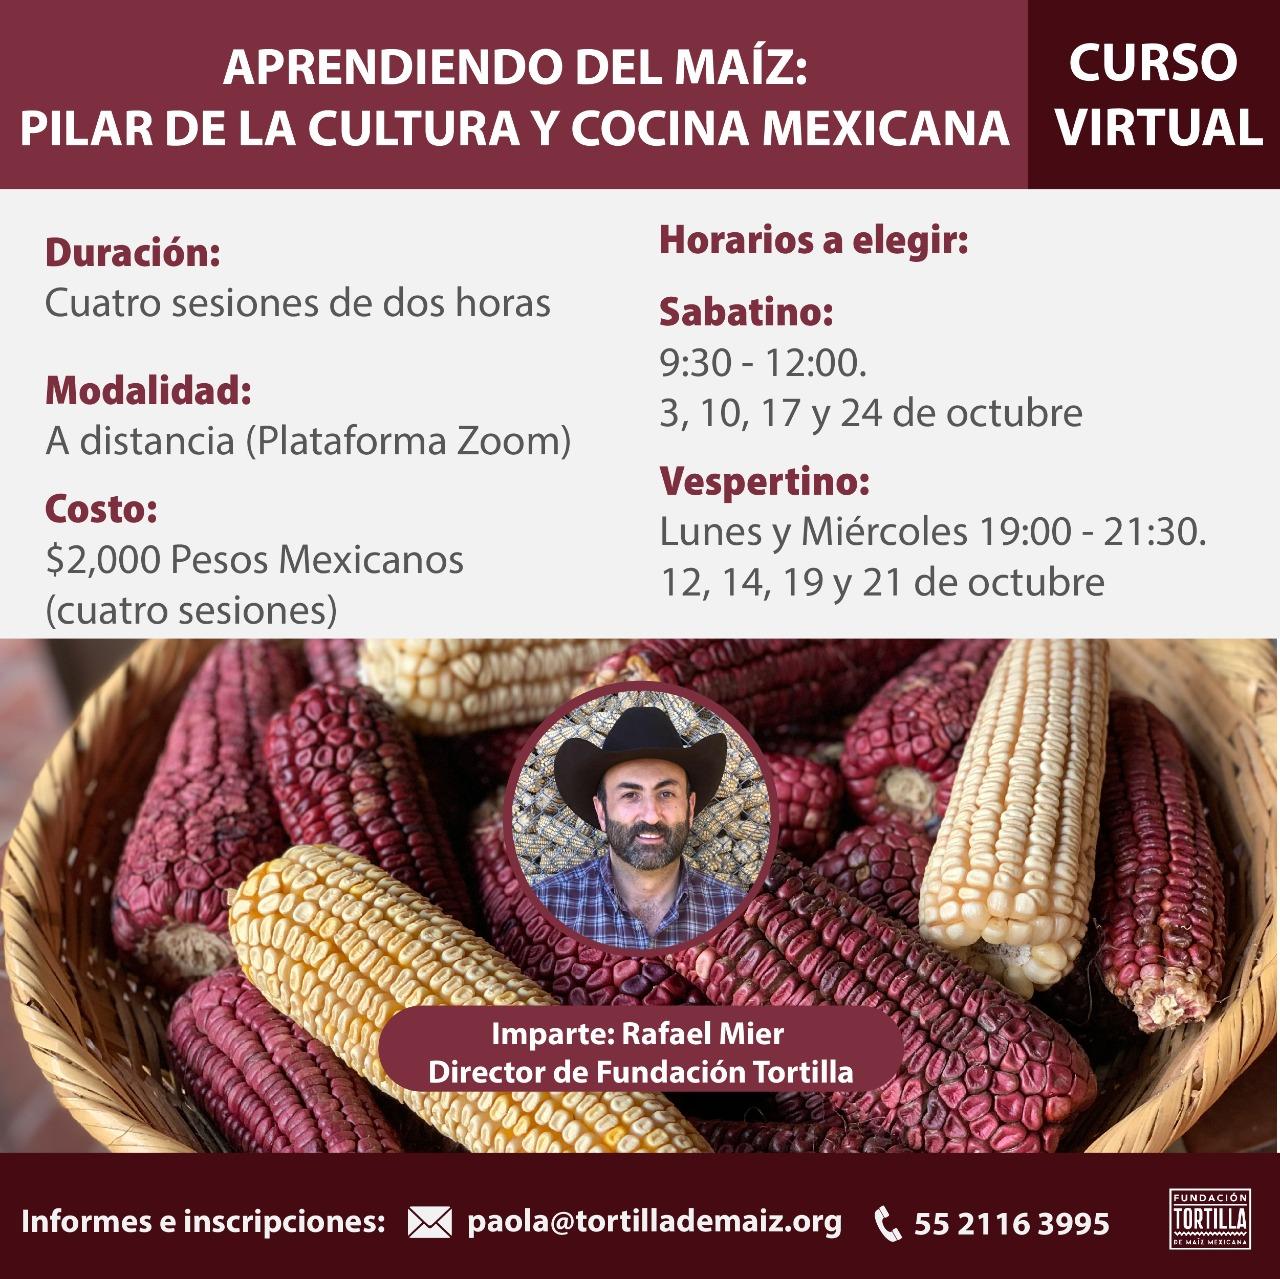 curso virtual curso de nixtamalización curso sobre maíz curso Rafael Mier